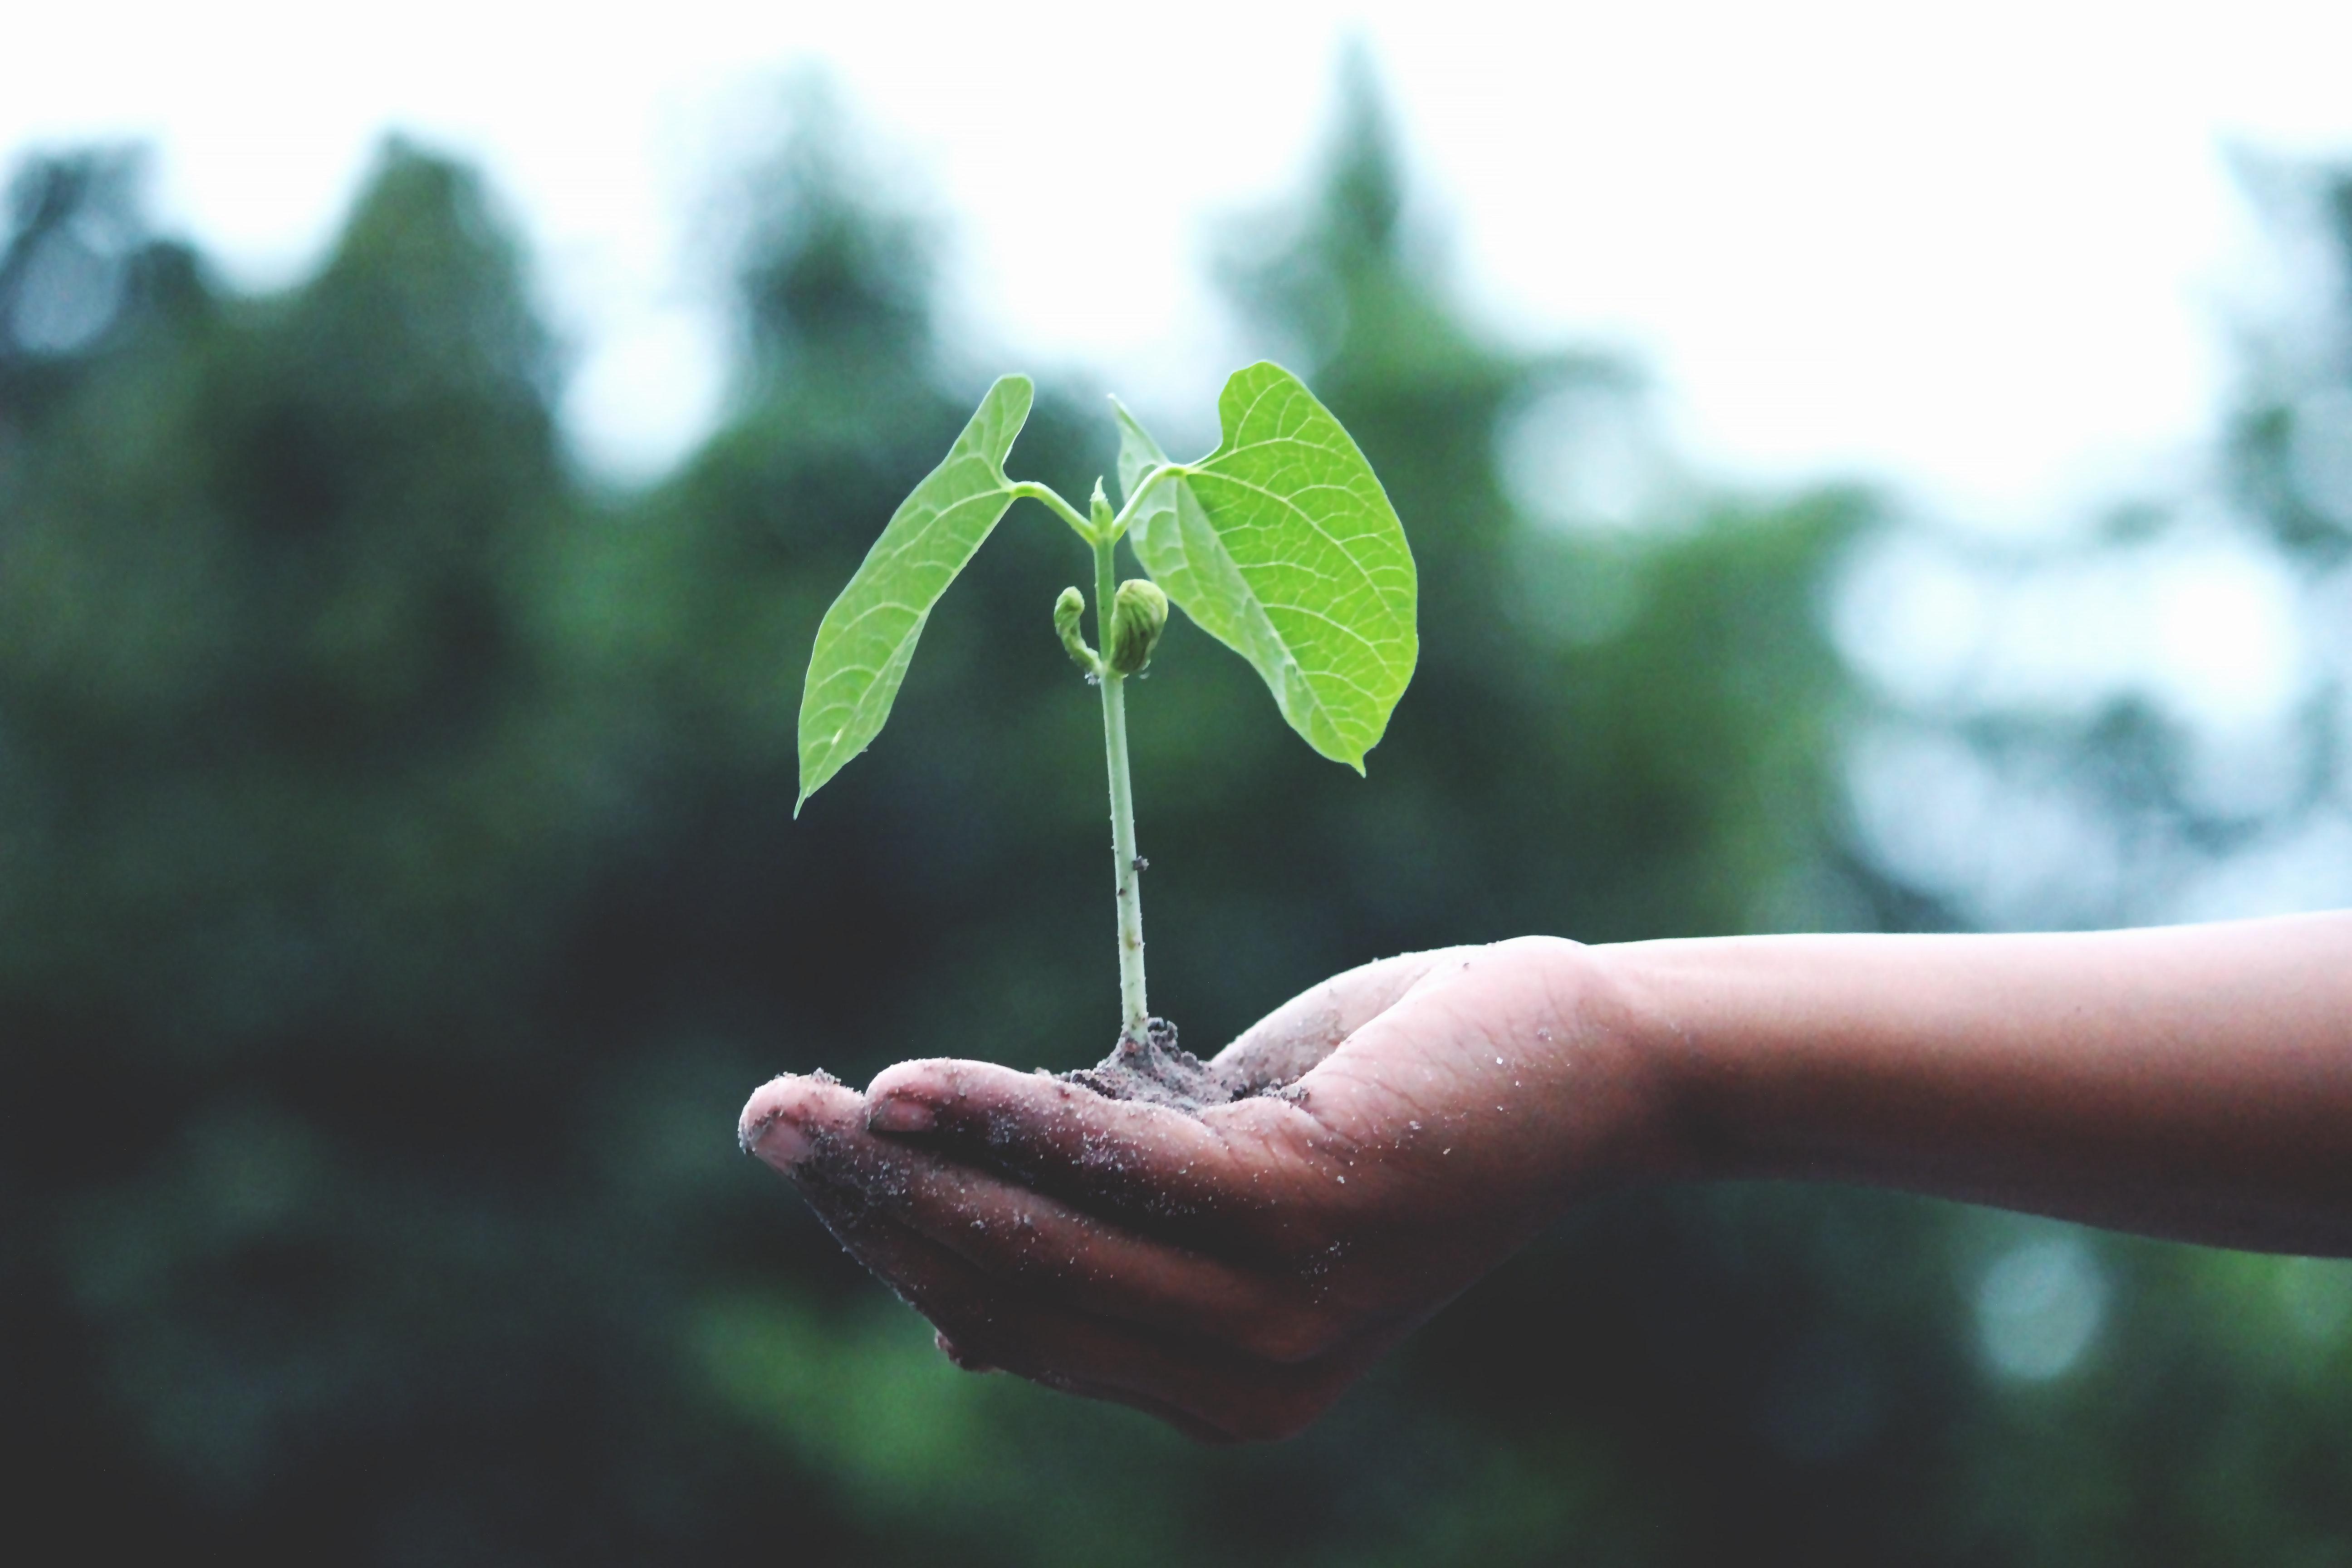 Kom op tegen Kanker sluit zich aan bij 'Citizens for Science in Pesticide Regulation'